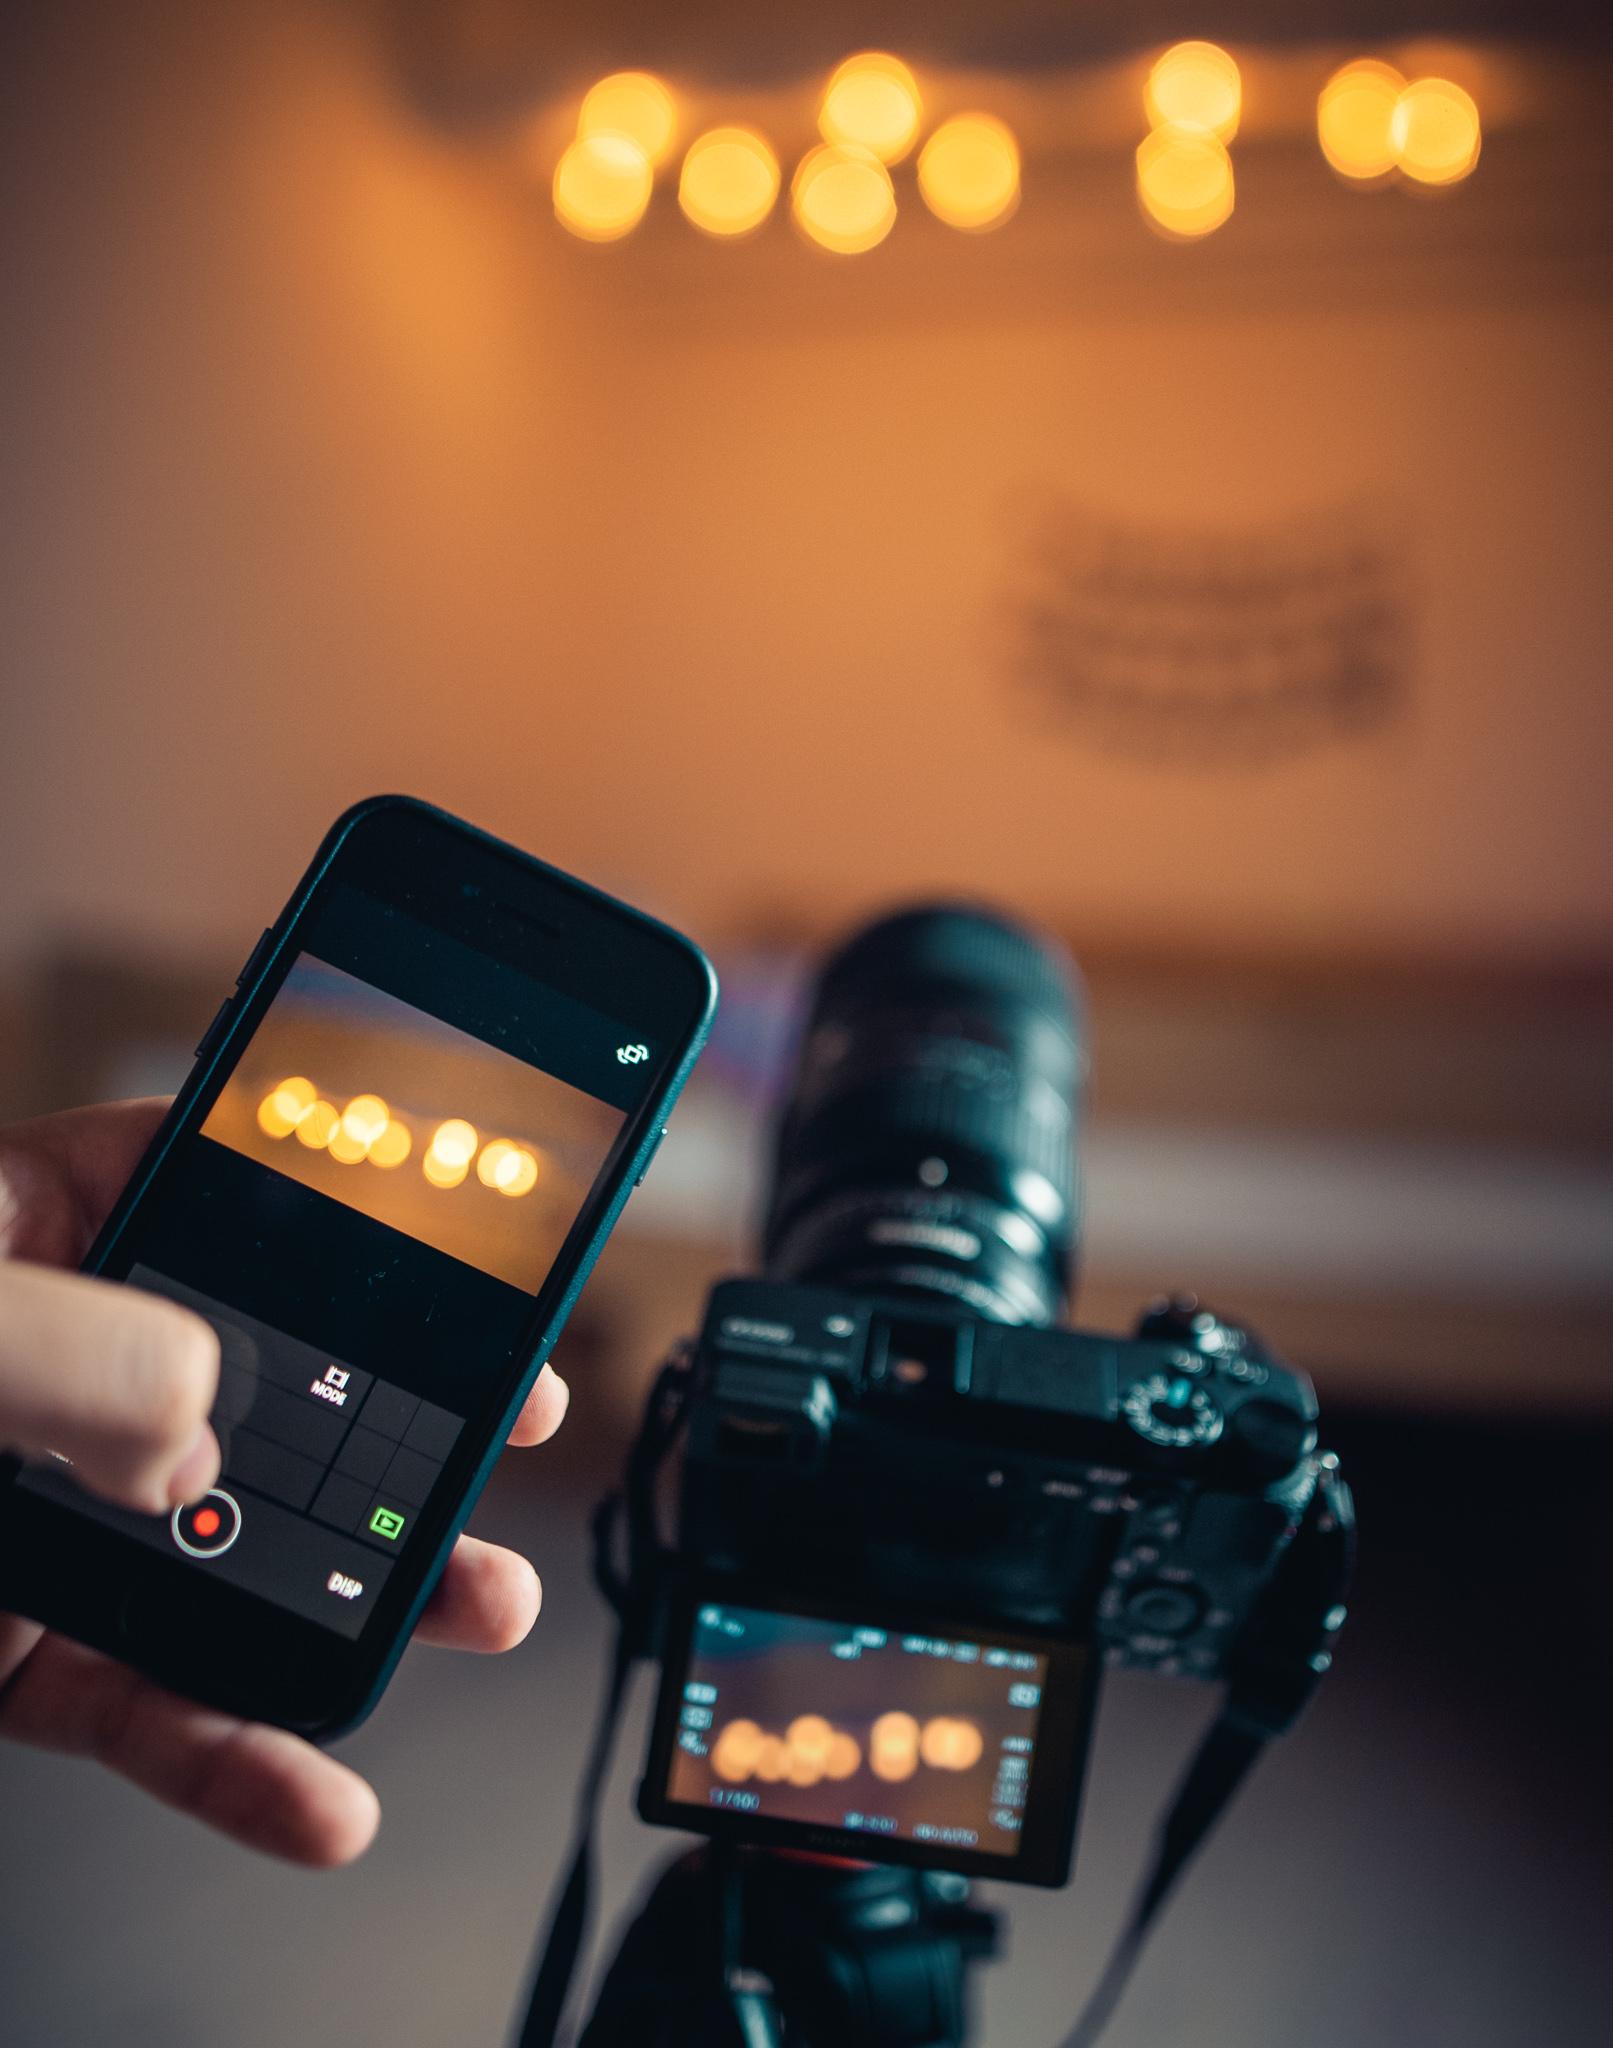 Anwendungen können beispielsweise zur Fernsteuerung der Kamera verwendet werden.